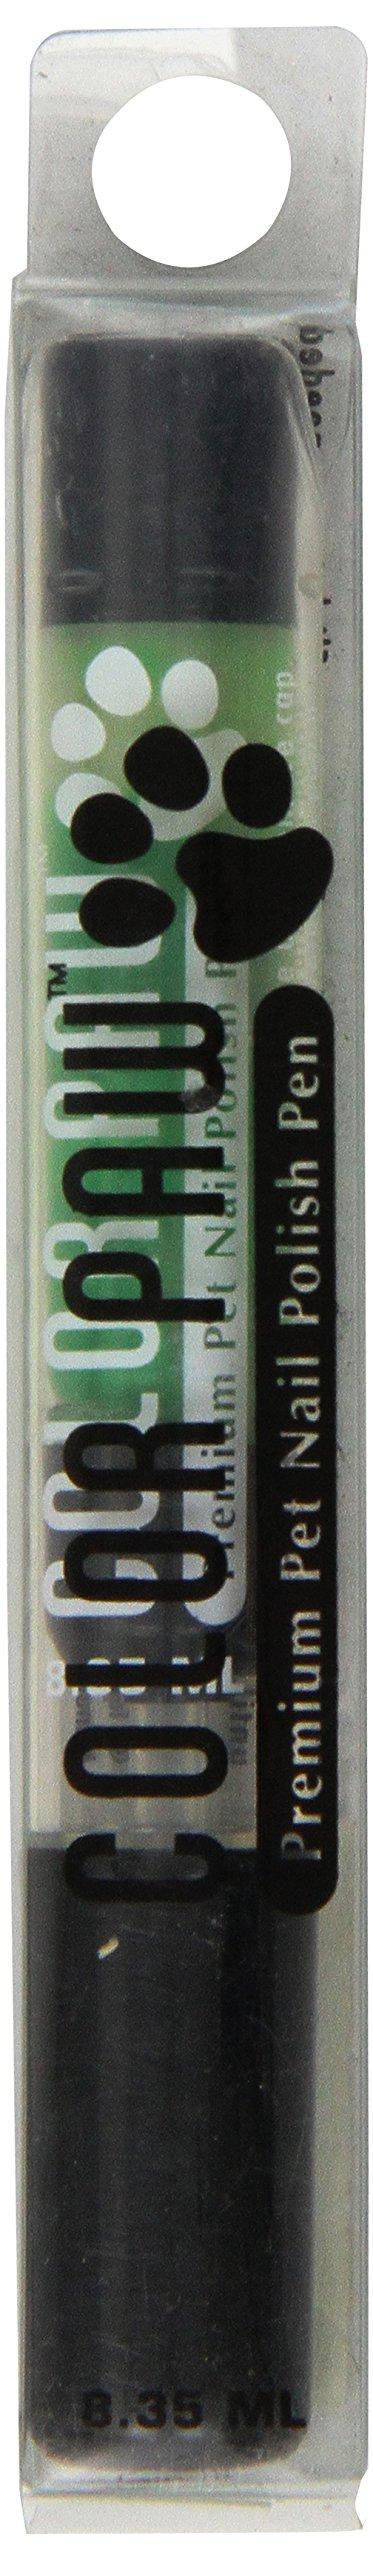 Color Paw Premium Pet Nail Polish Pen, 0.3-Ounce, Electric Lime